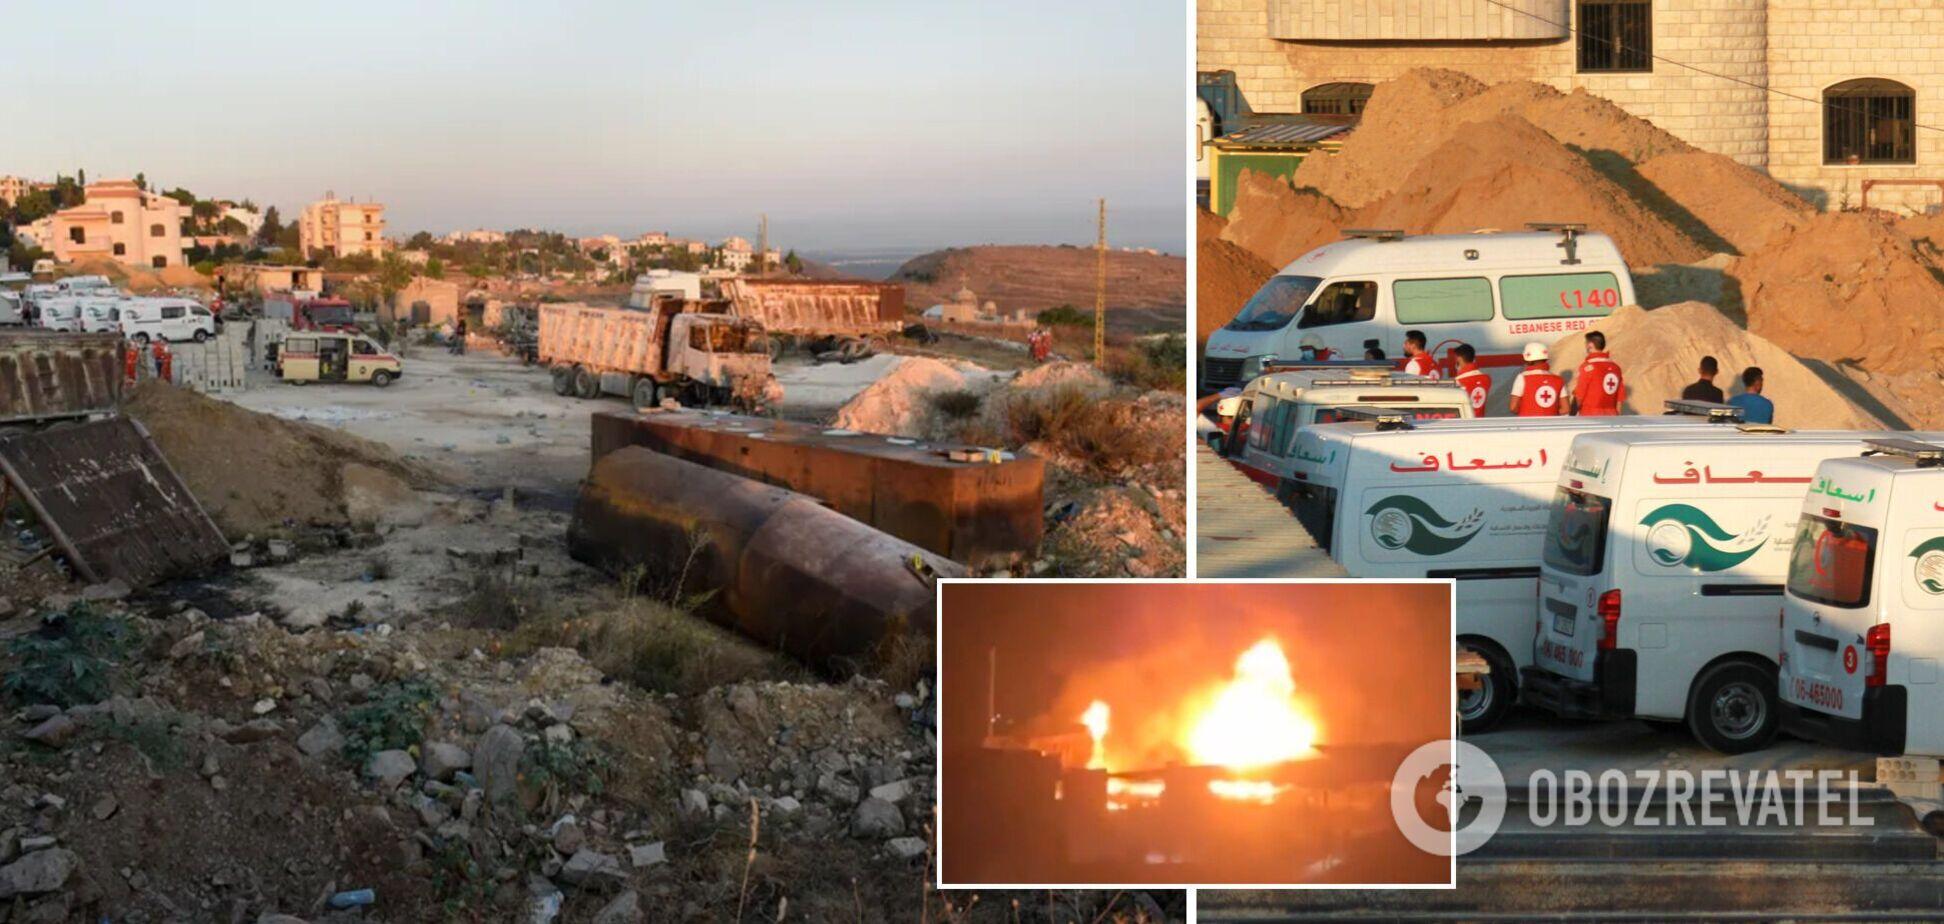 В Ливане взорвался топливный резервуар: 28 погибших, десятки раненых. Фото и видео ЧП